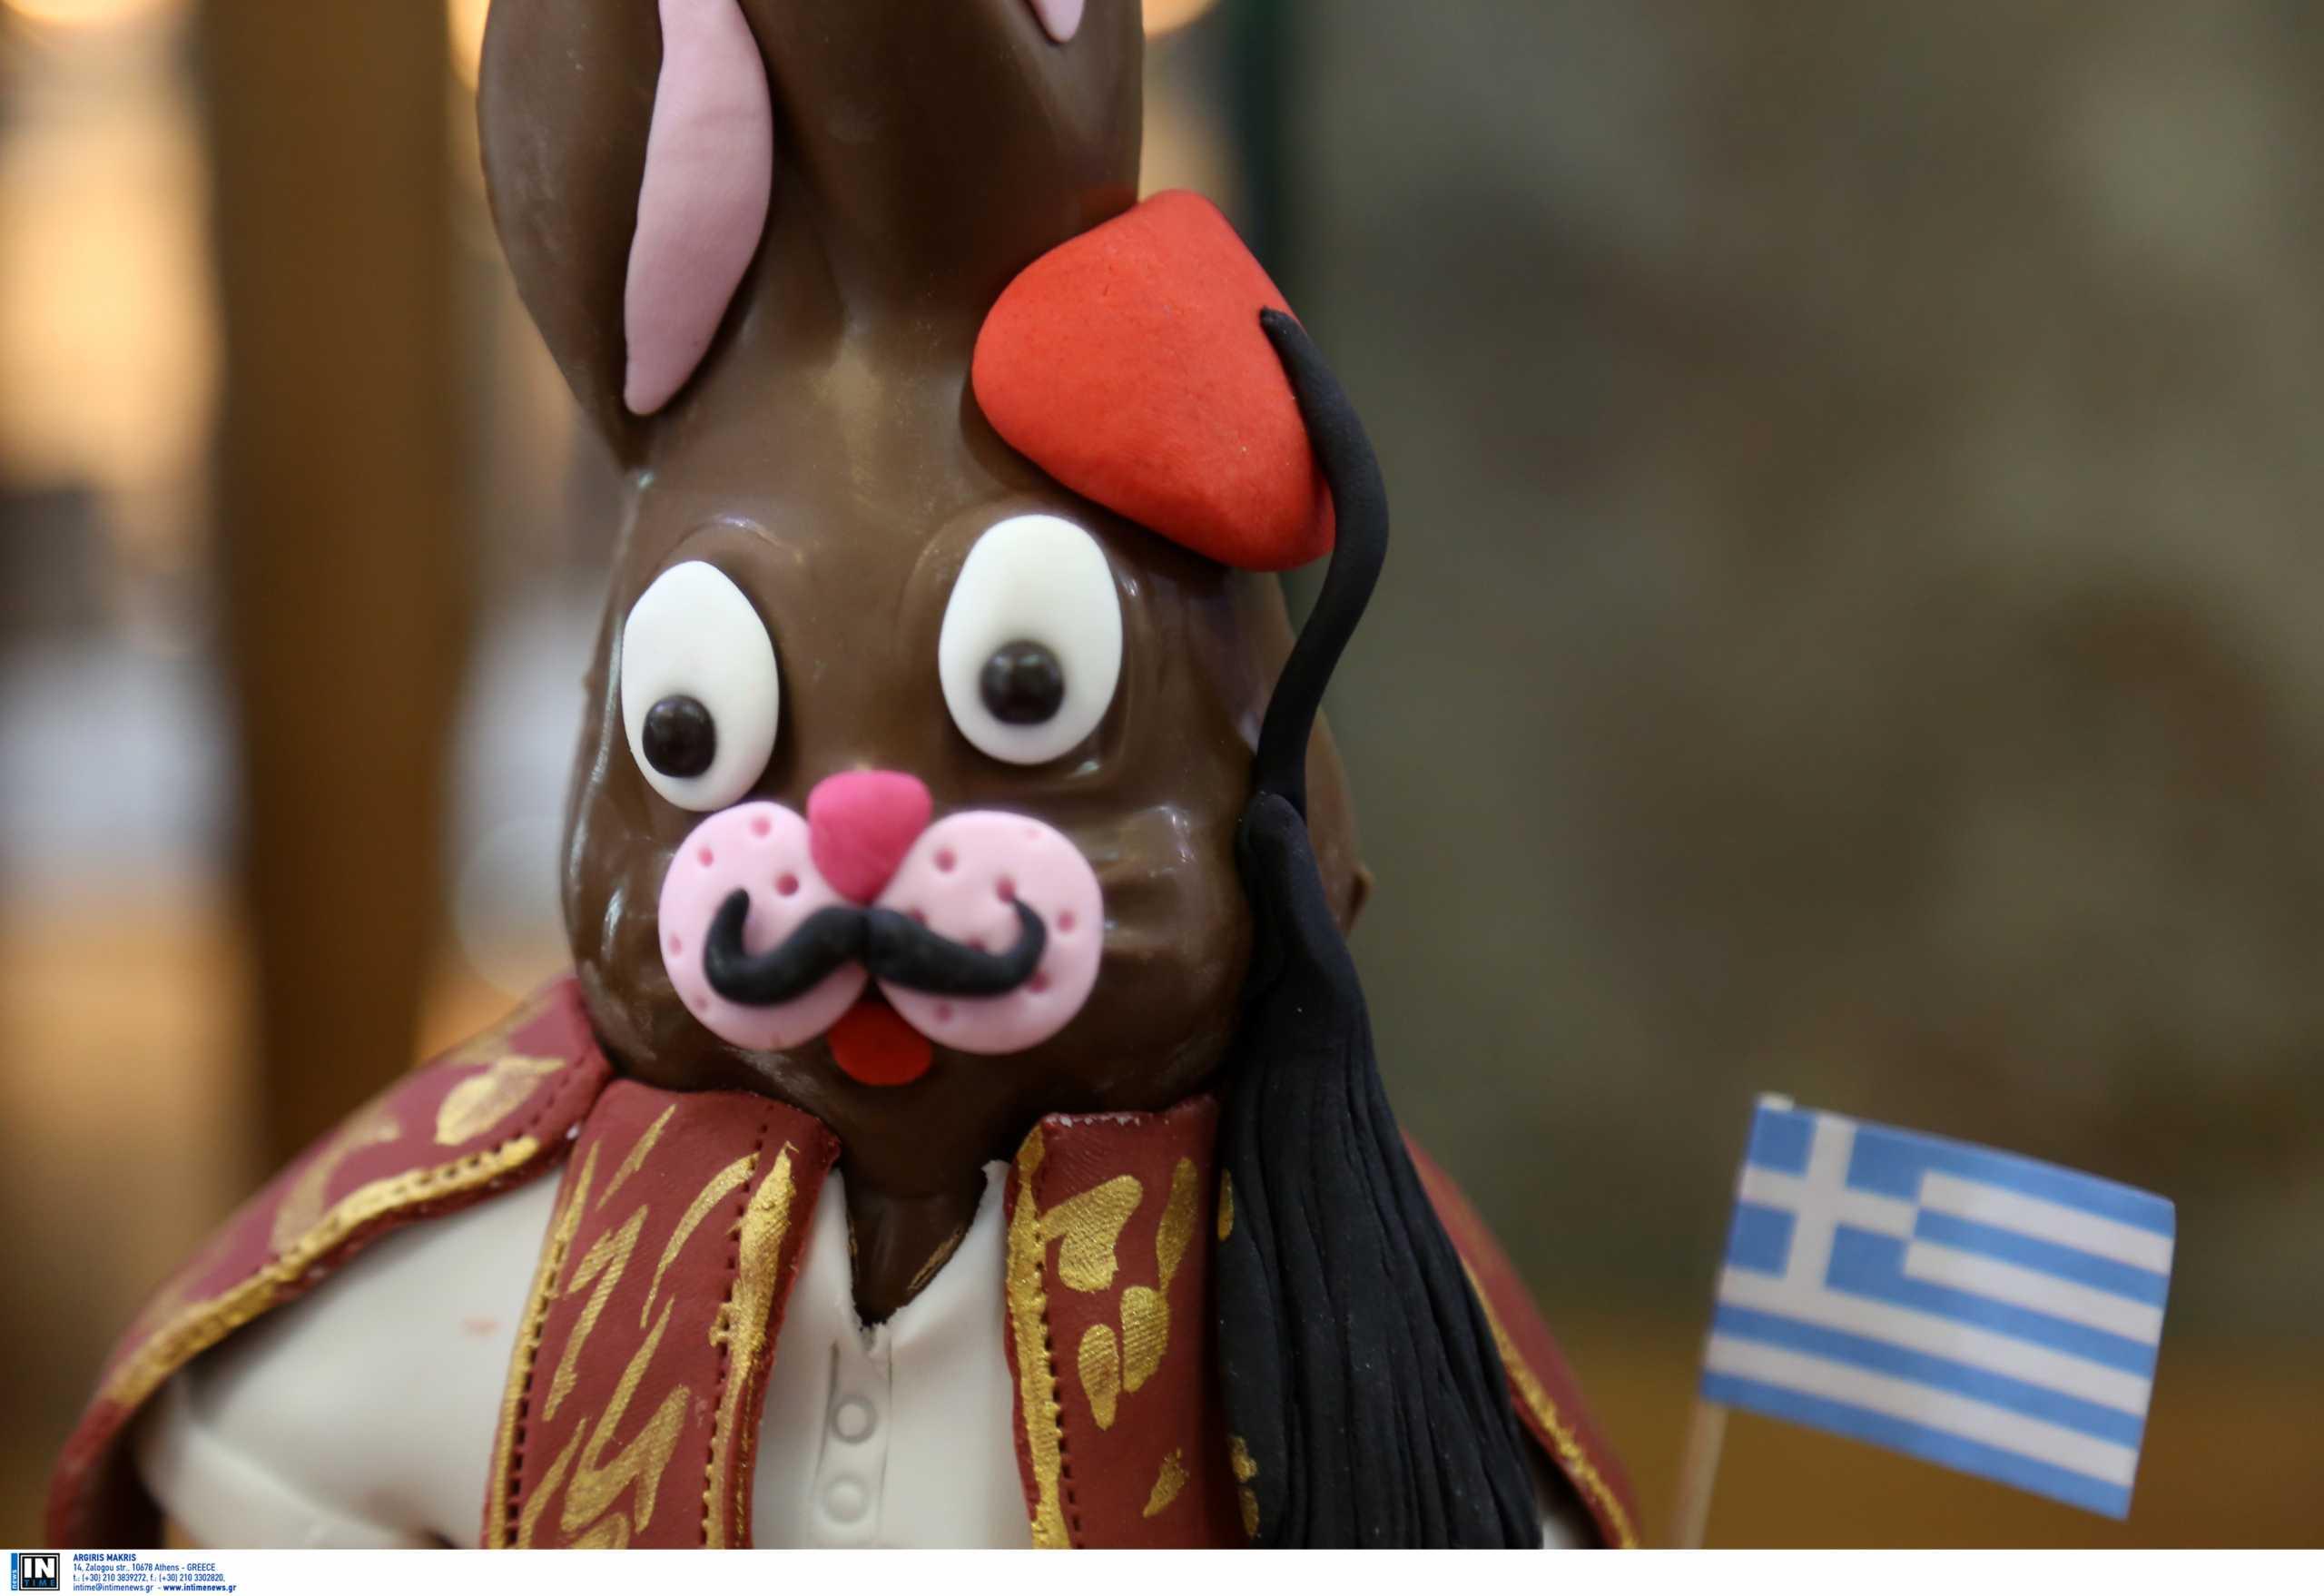 Λάρισα: Τρολάρισμα με σοκολατάκια σε συγκέντρωση αντιεμβολιαστών – Η ανακοίνωση του Μητροπολίτη